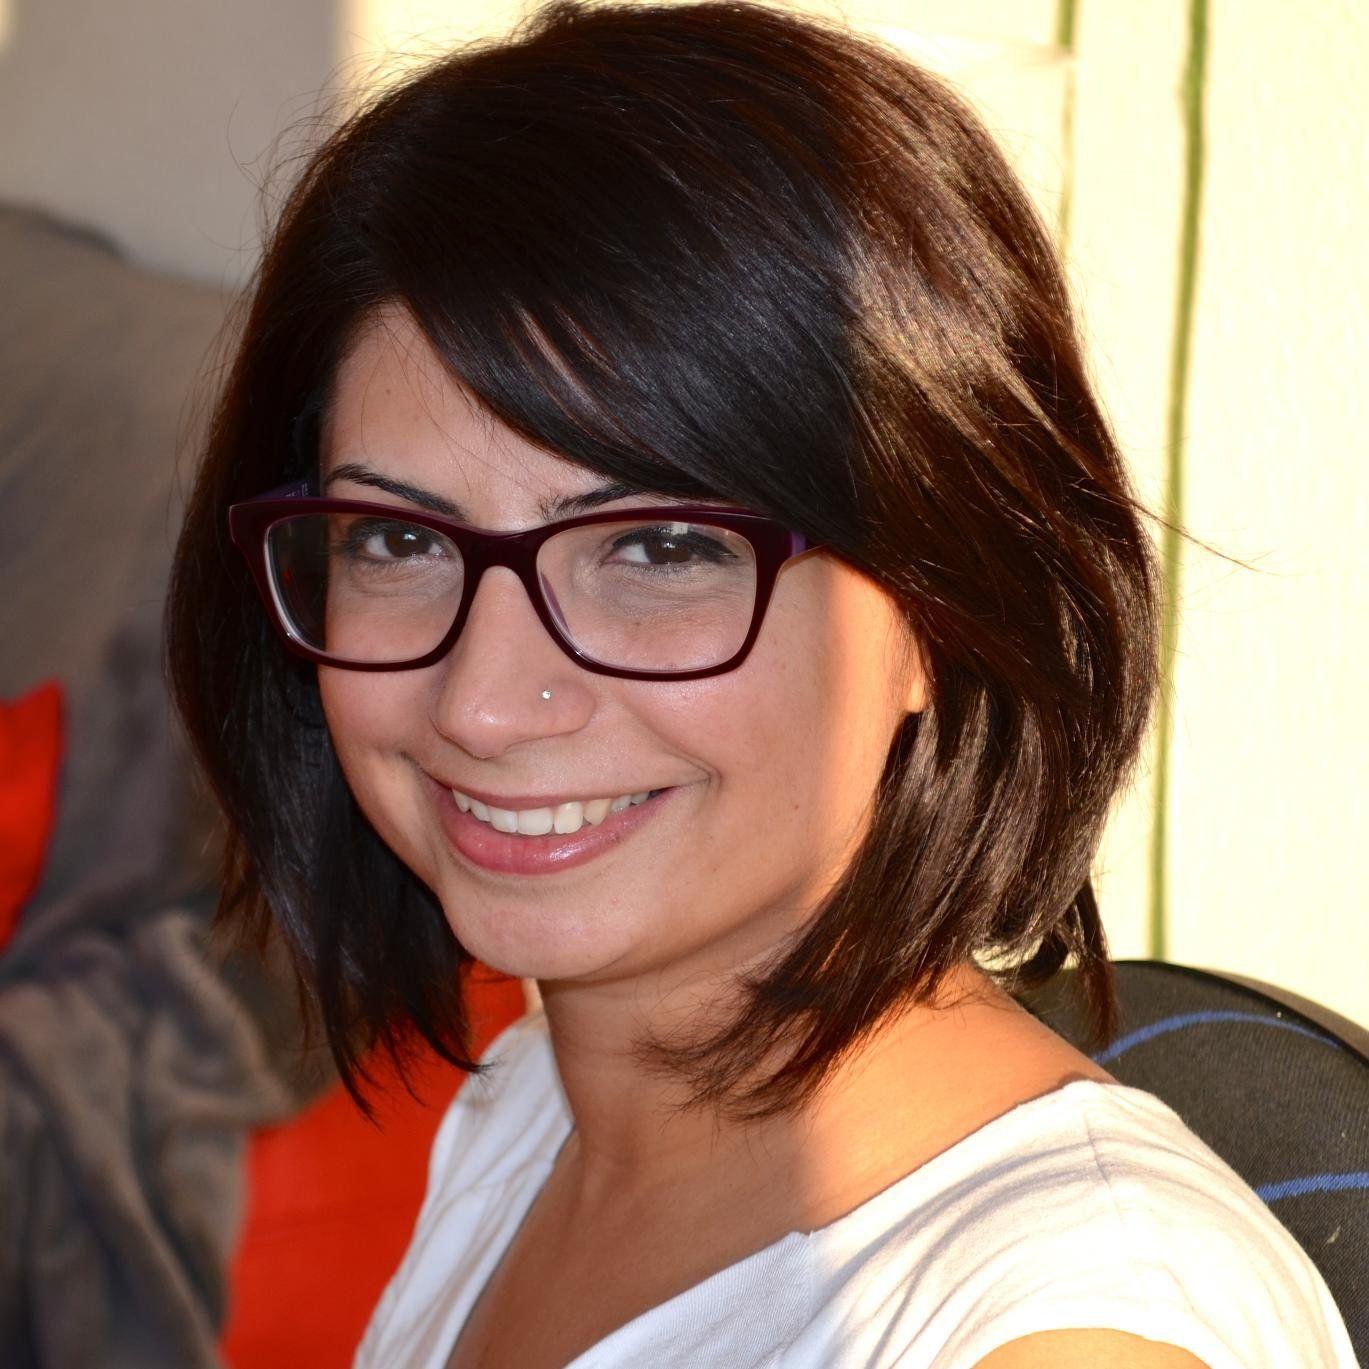 Berlino: l'ultimo tweet di Fabrizia Di Lorenzo racconta un'Italia immobile